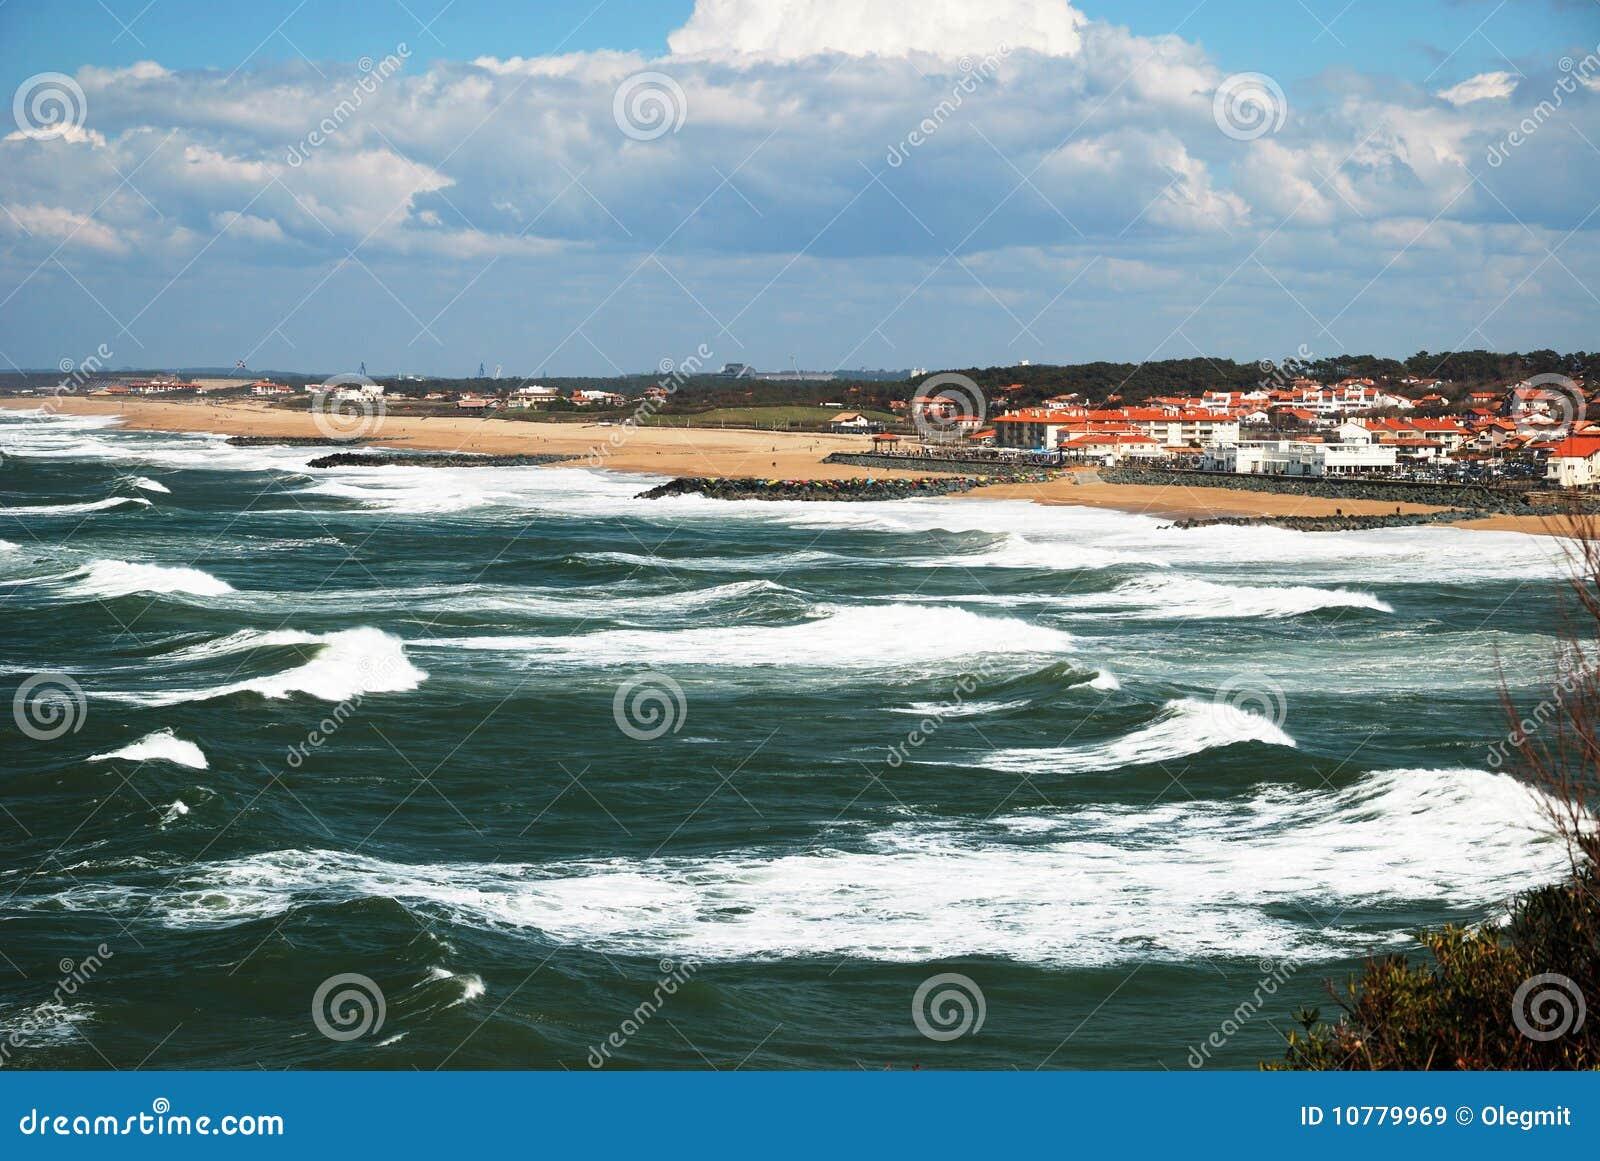 Oceaan golven die naar kust dichtbij Biarritz schommelen.